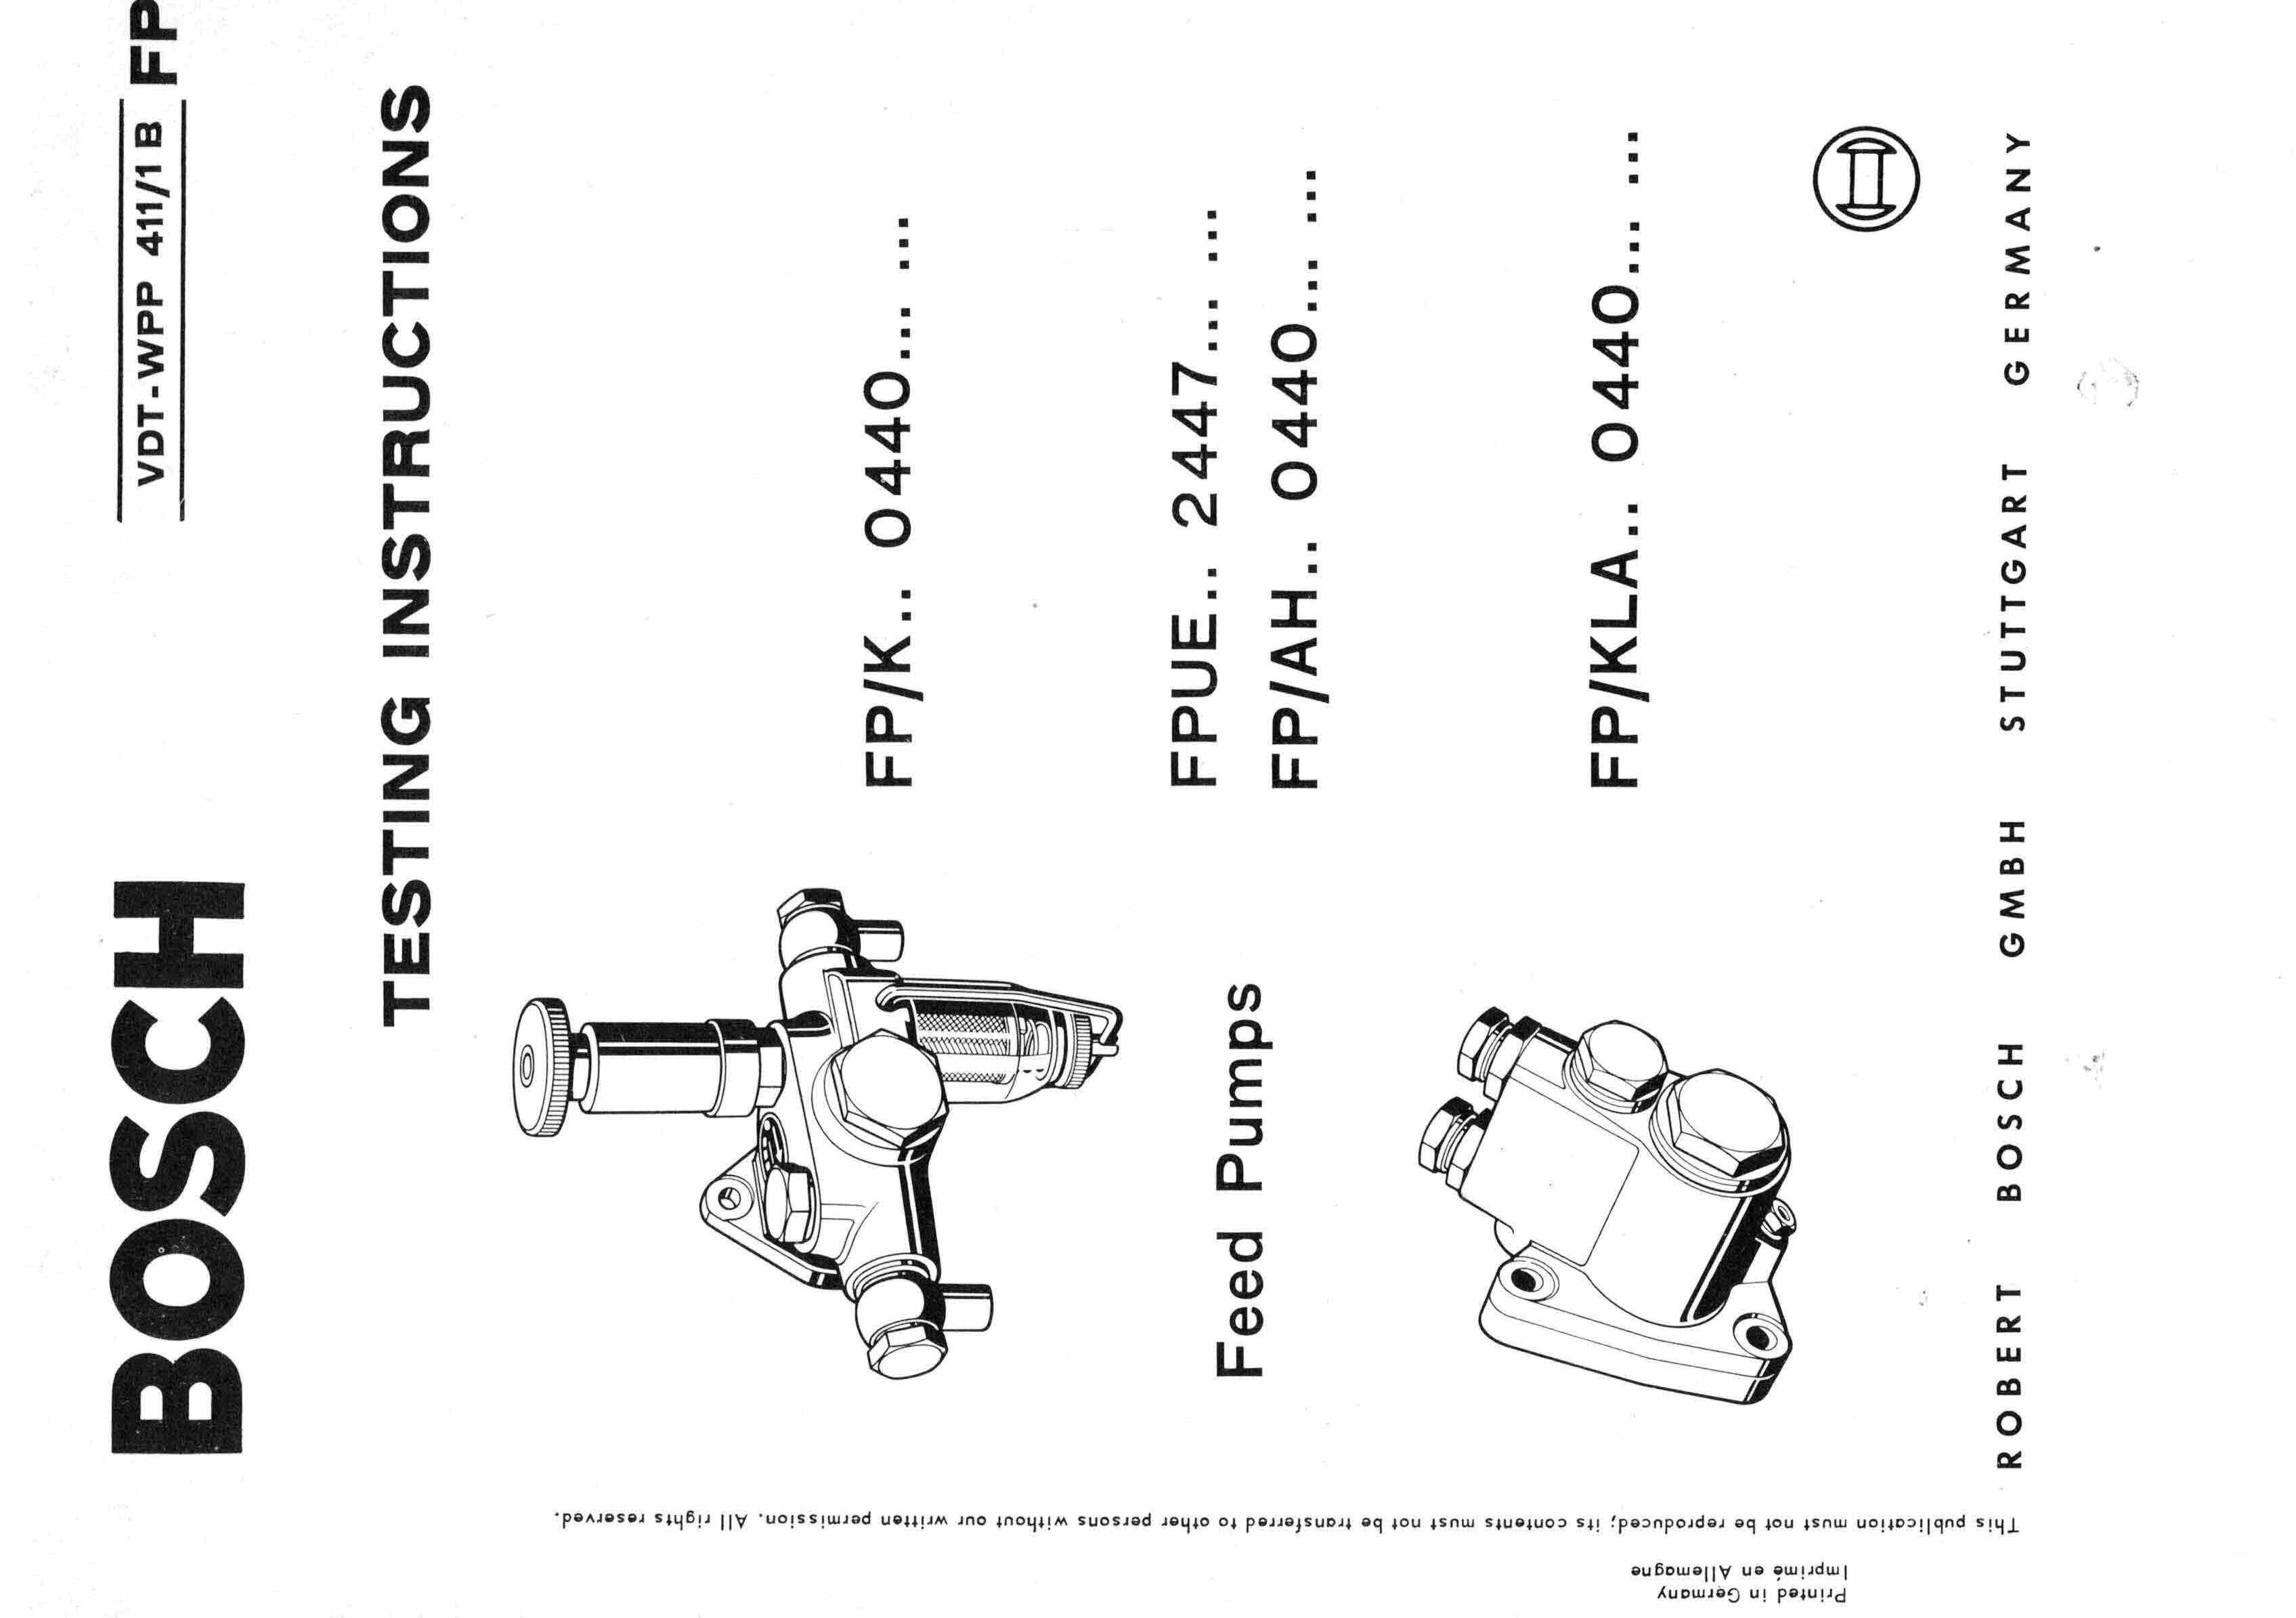 Boschsel Pump Repair Manual